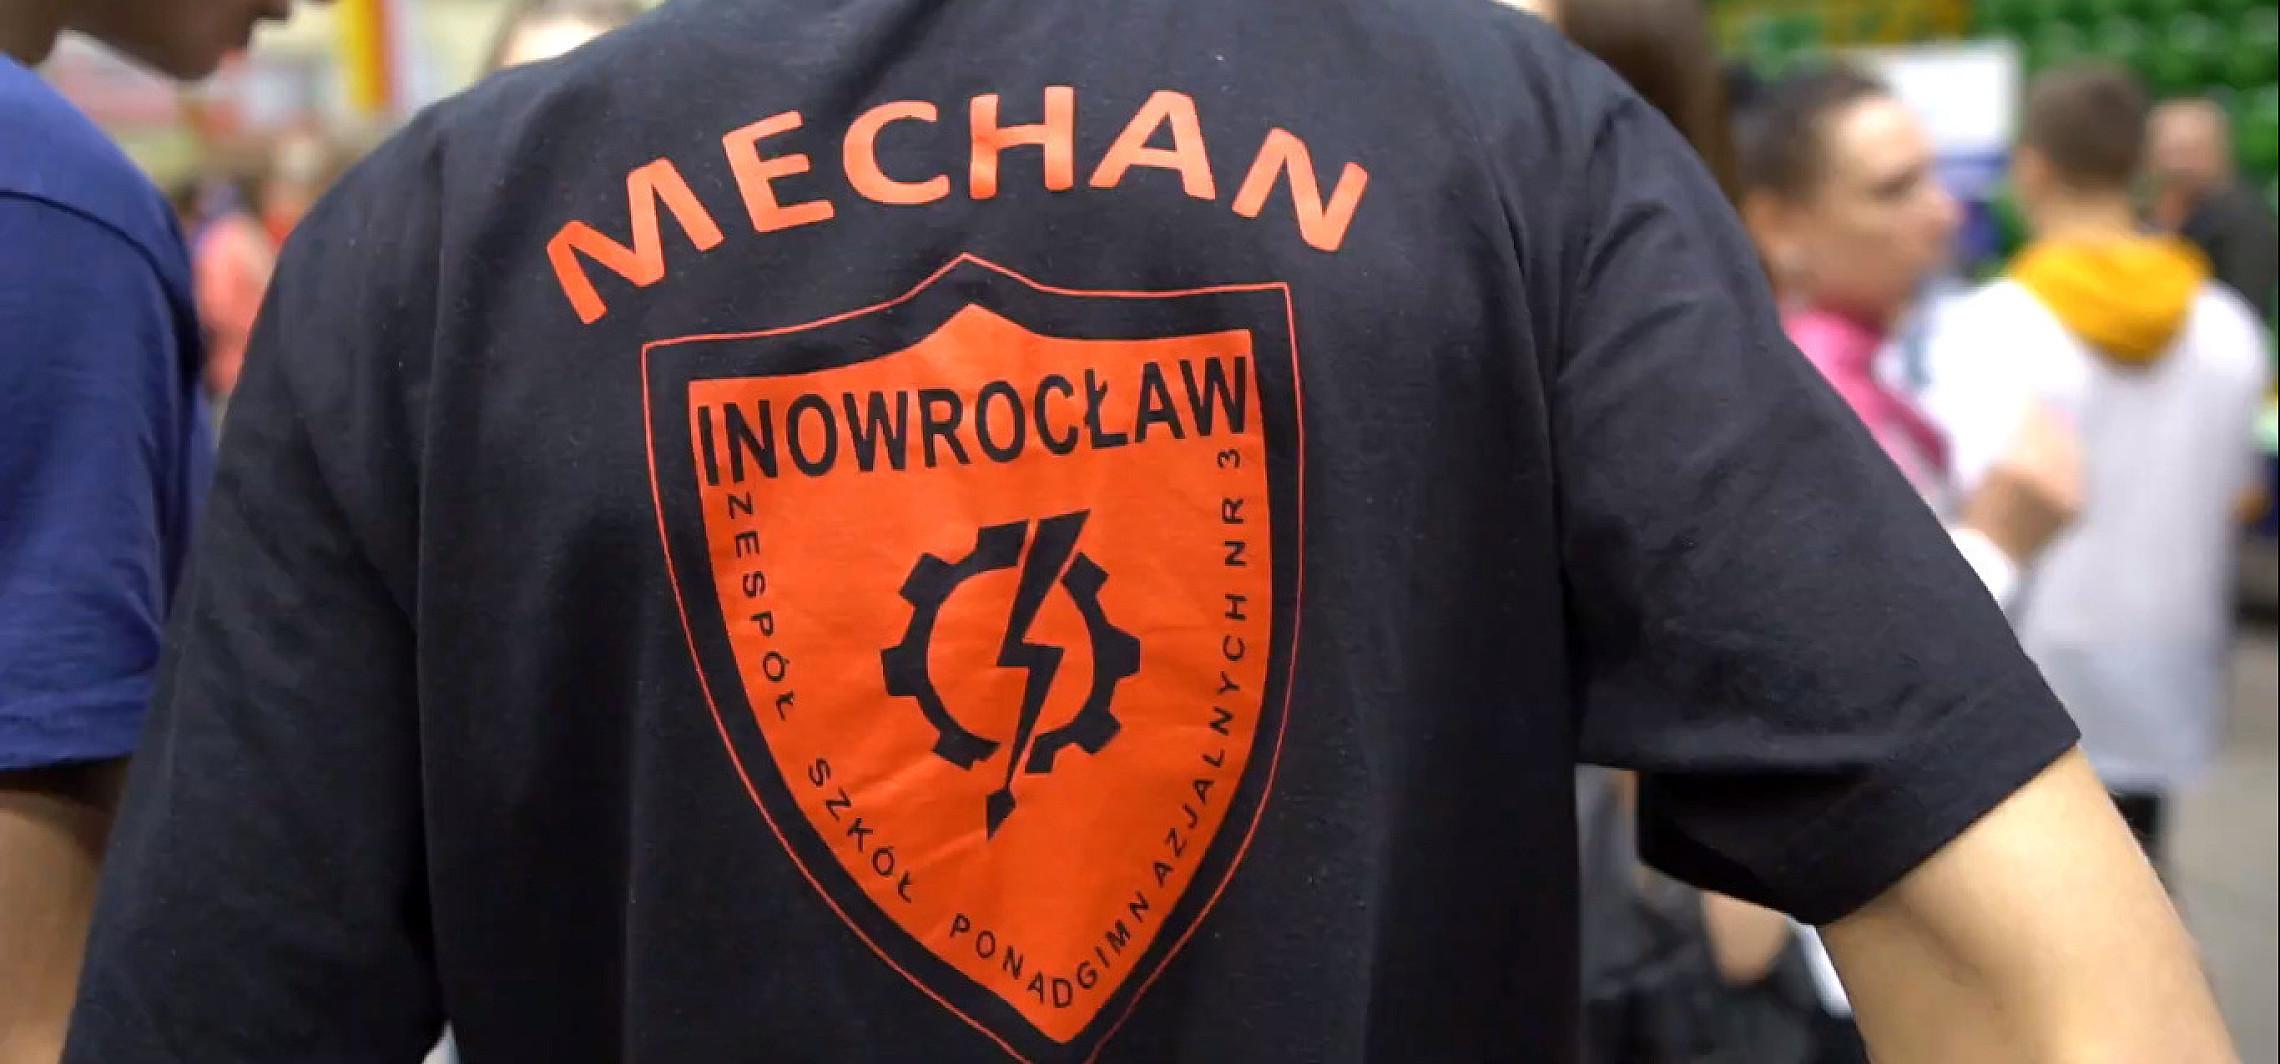 Inowrocław - Z nazw tych szkół znikną numery. Dlaczego?